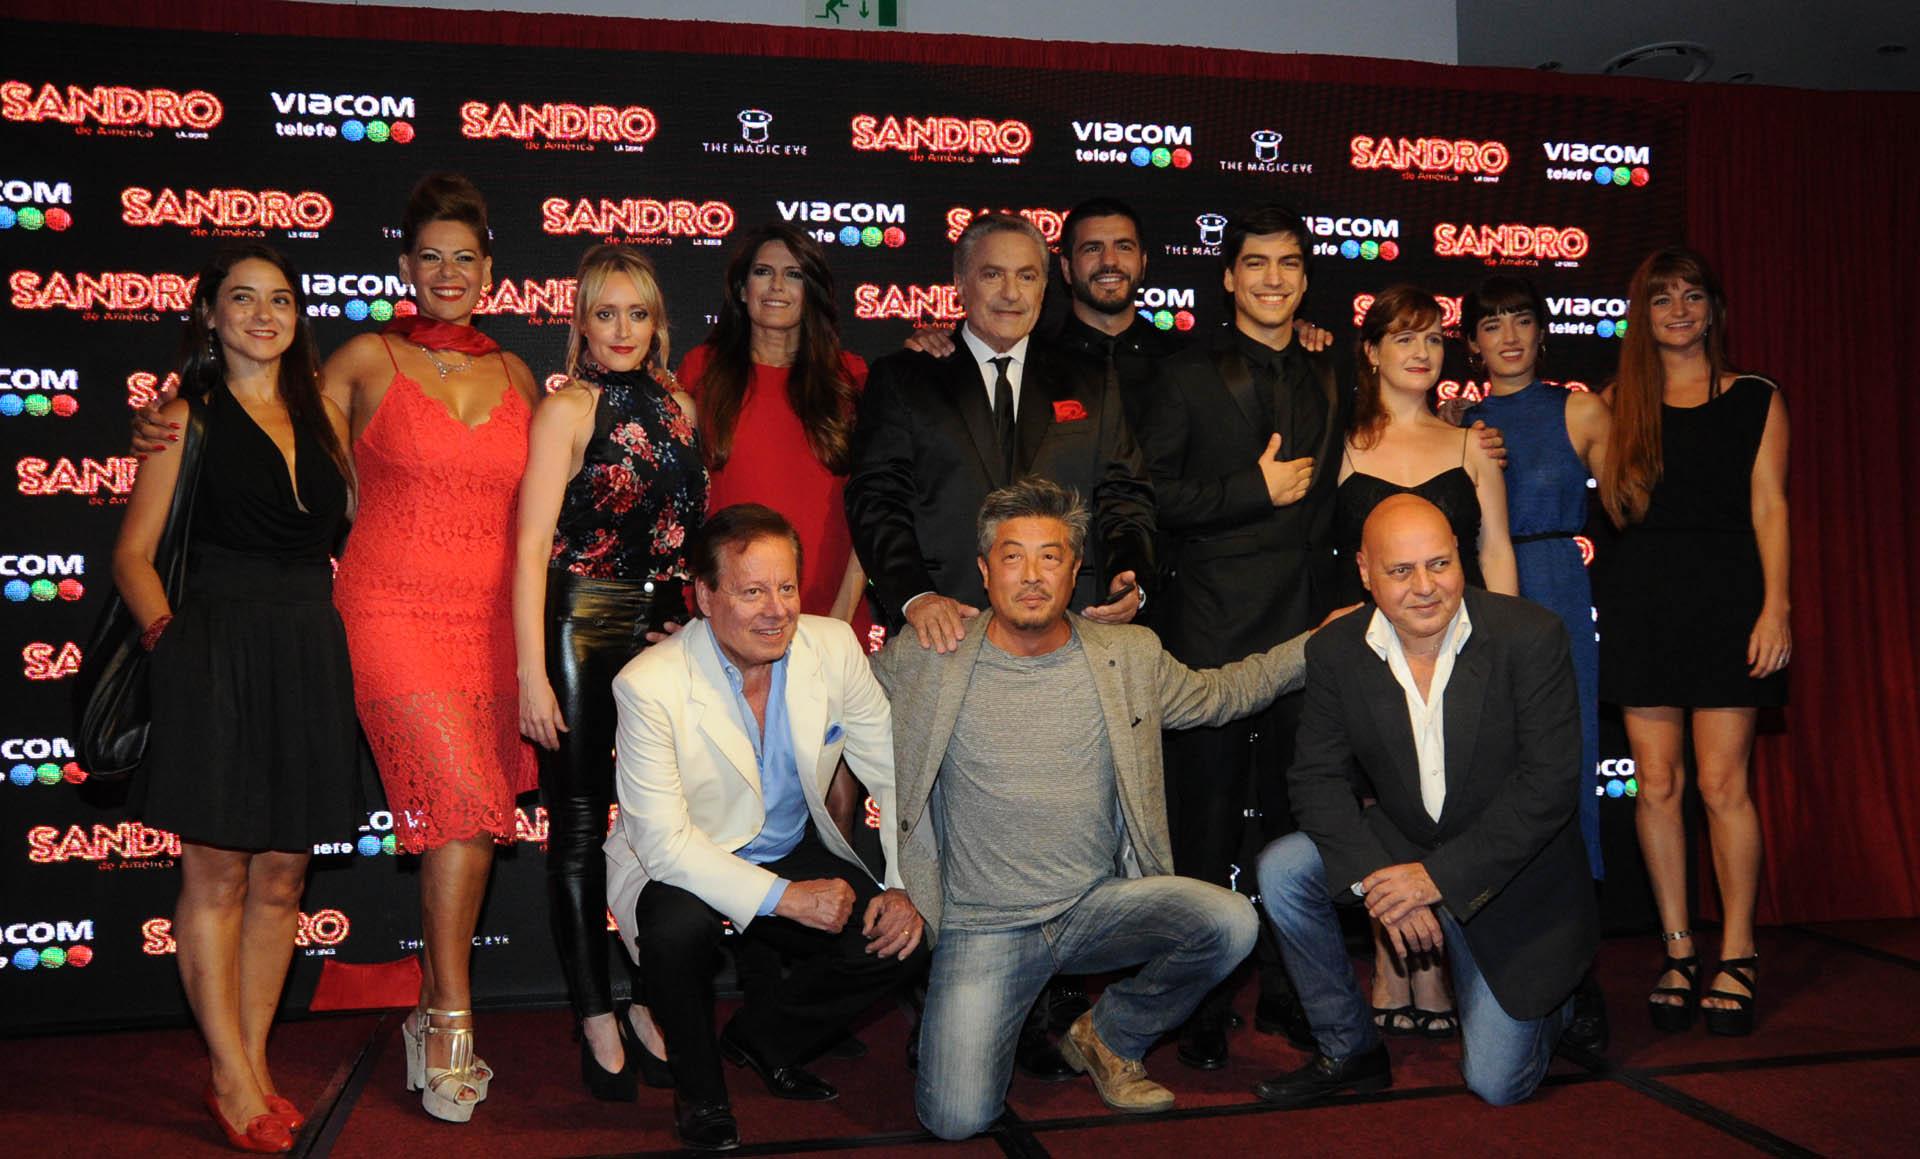 Todo el elenco de Sandro de América